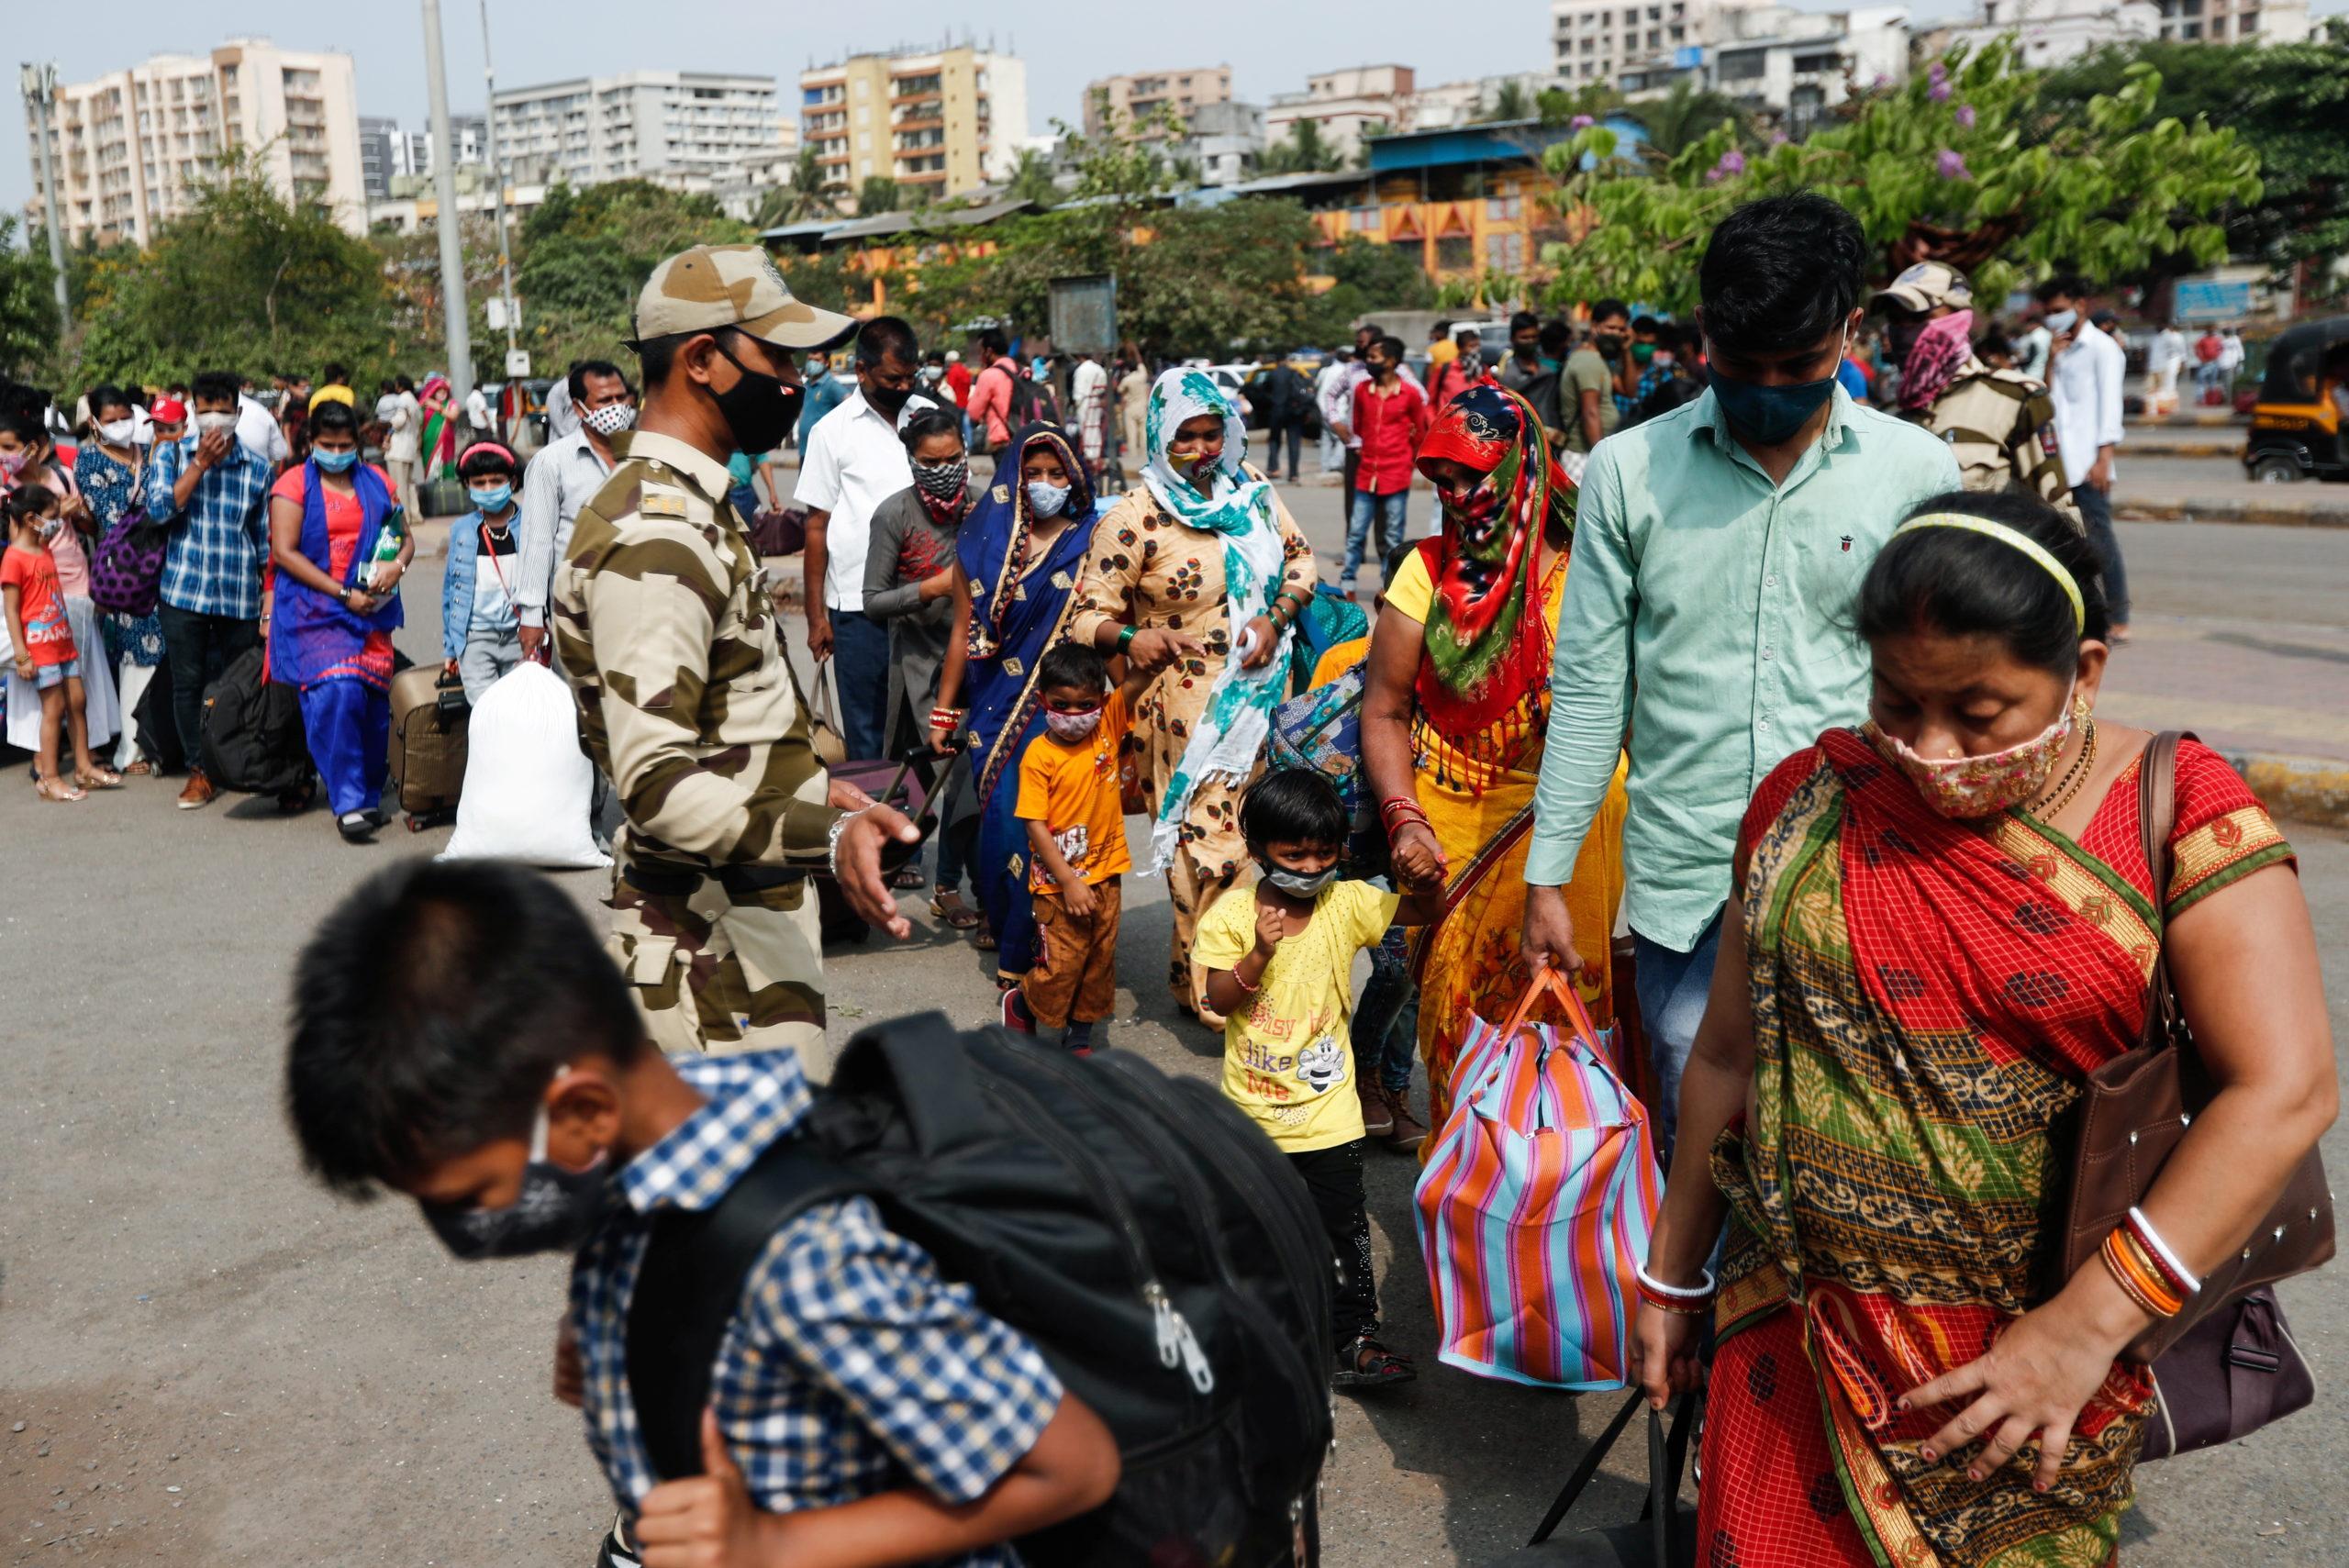 India lidia con segunda ola de Covid-19 y la escasez de vacunas